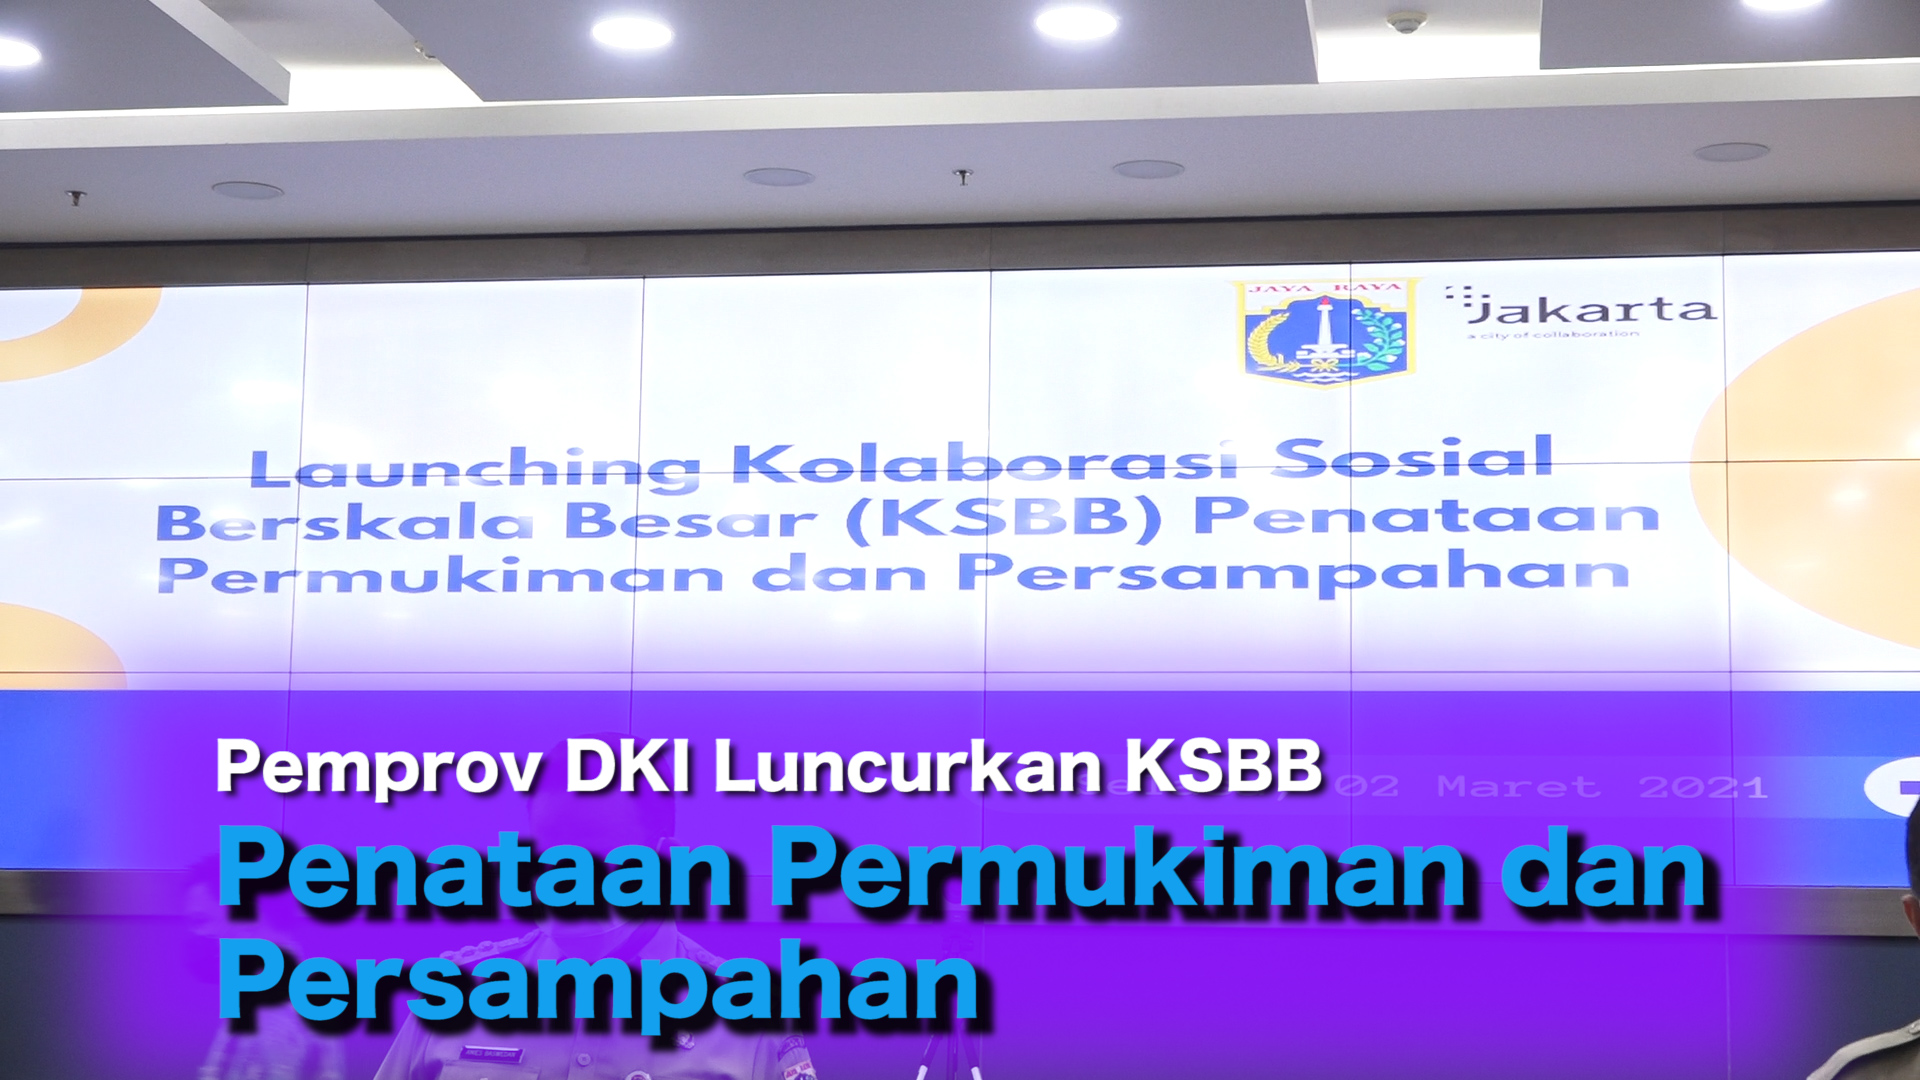 Pemprov DKI Luncurkan KSBB Penataan Permukiman dan Persampahan